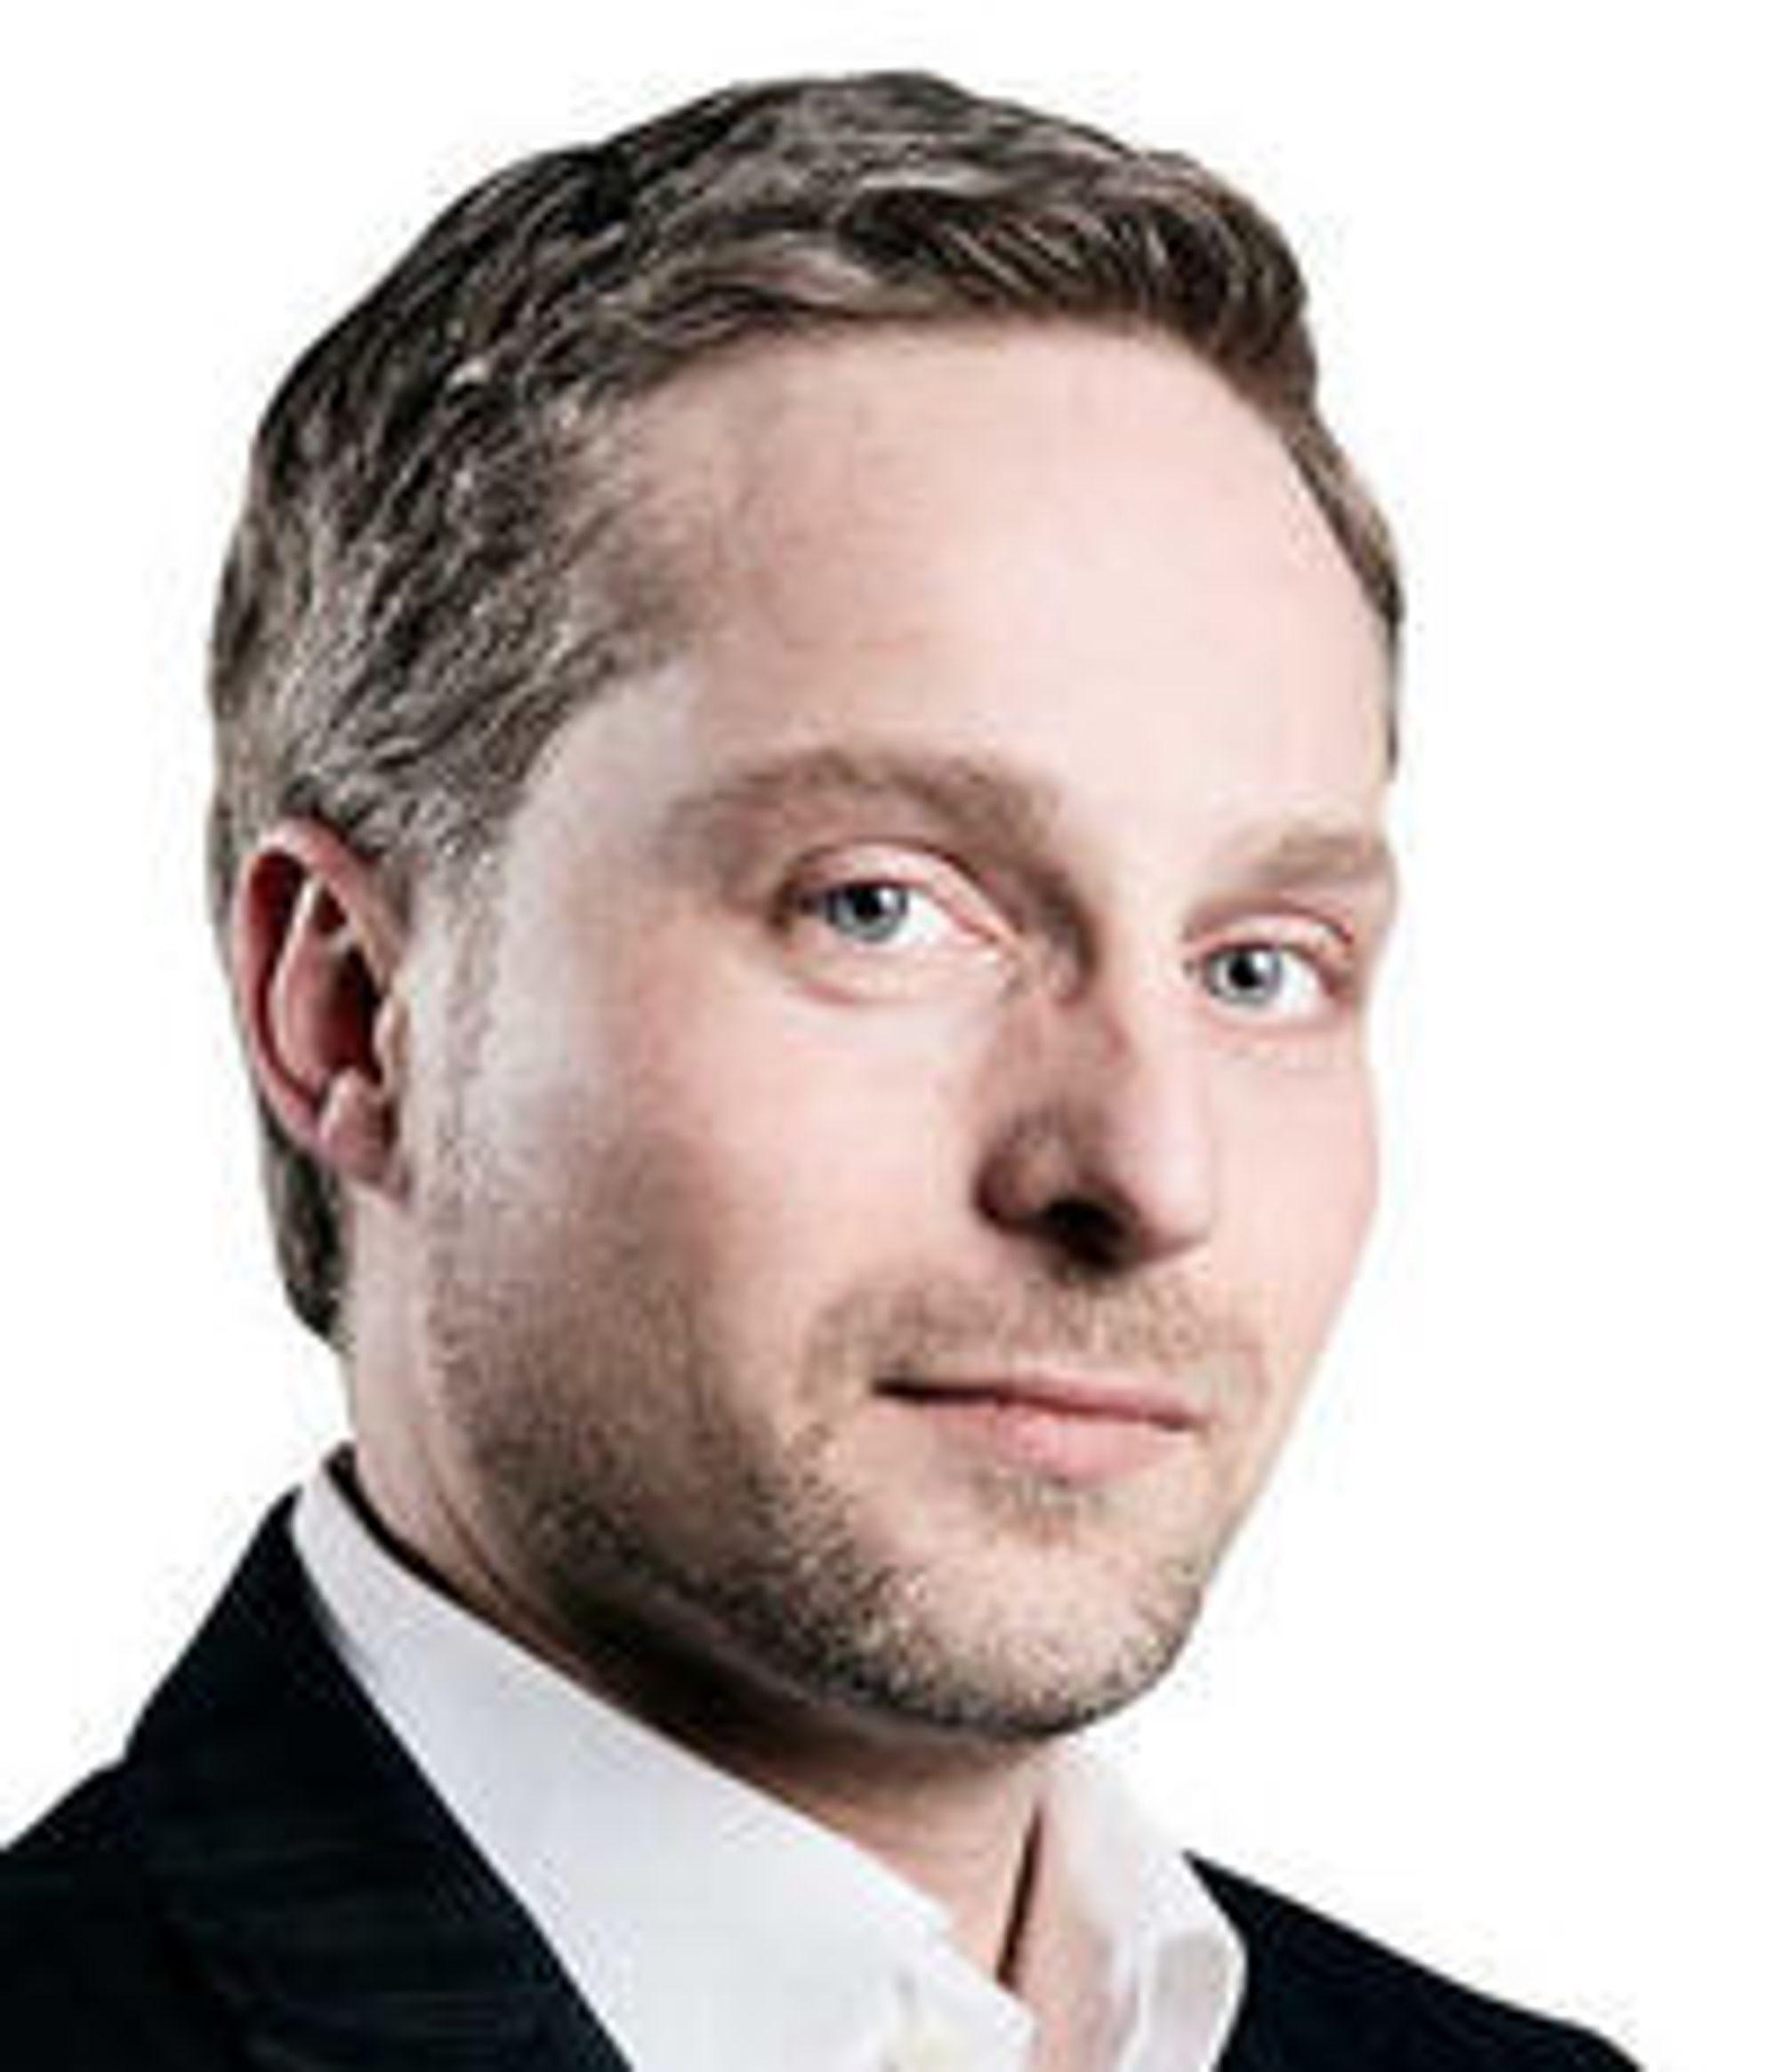 Morten Frøseth leder det nyopprettede selskapet CrayoNano, som skal kommersialisere teknologier knyttet til nanorør, grafen og halvleder.